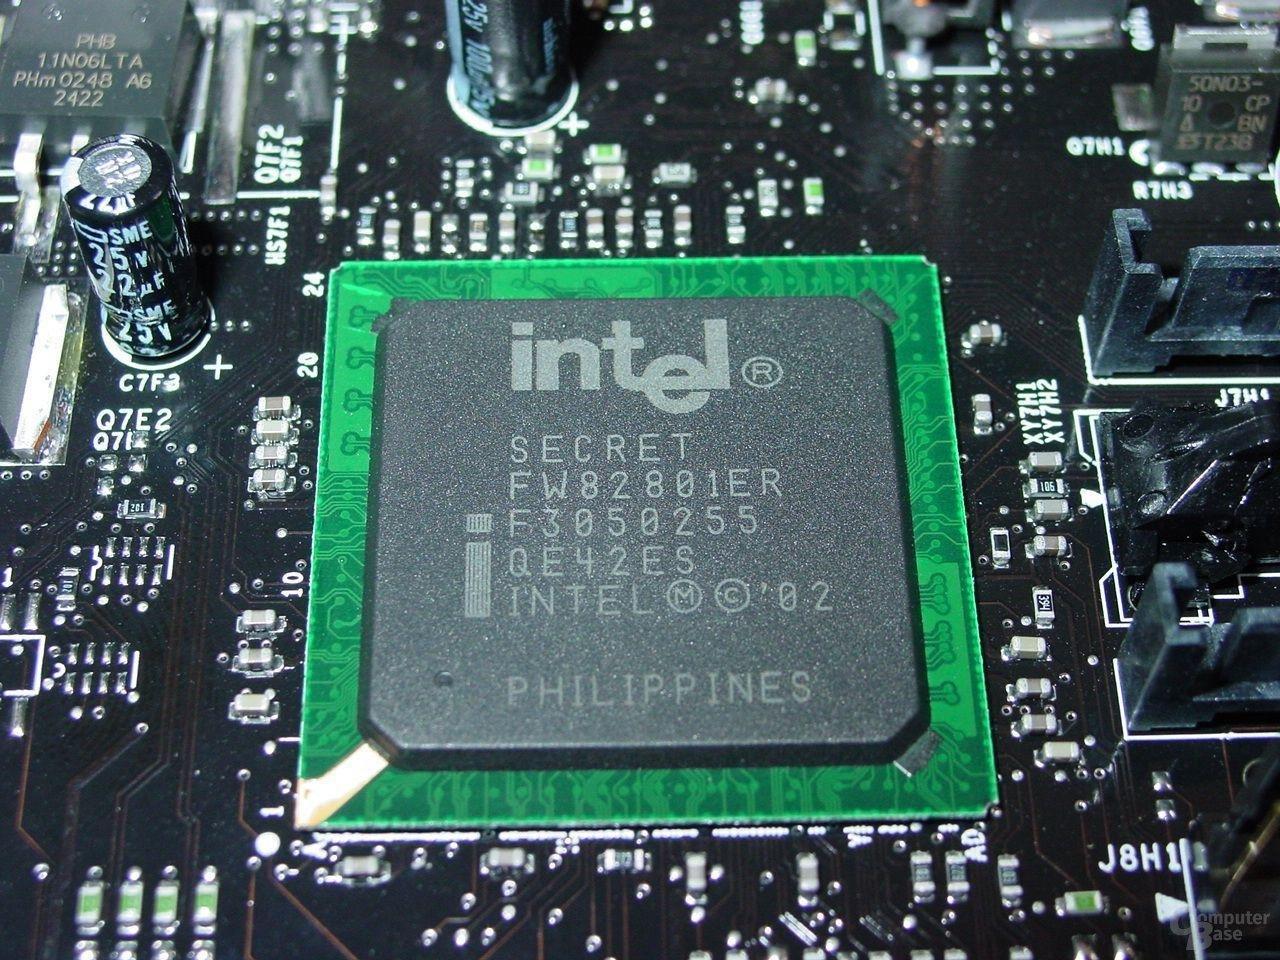 Intel D875PBZ